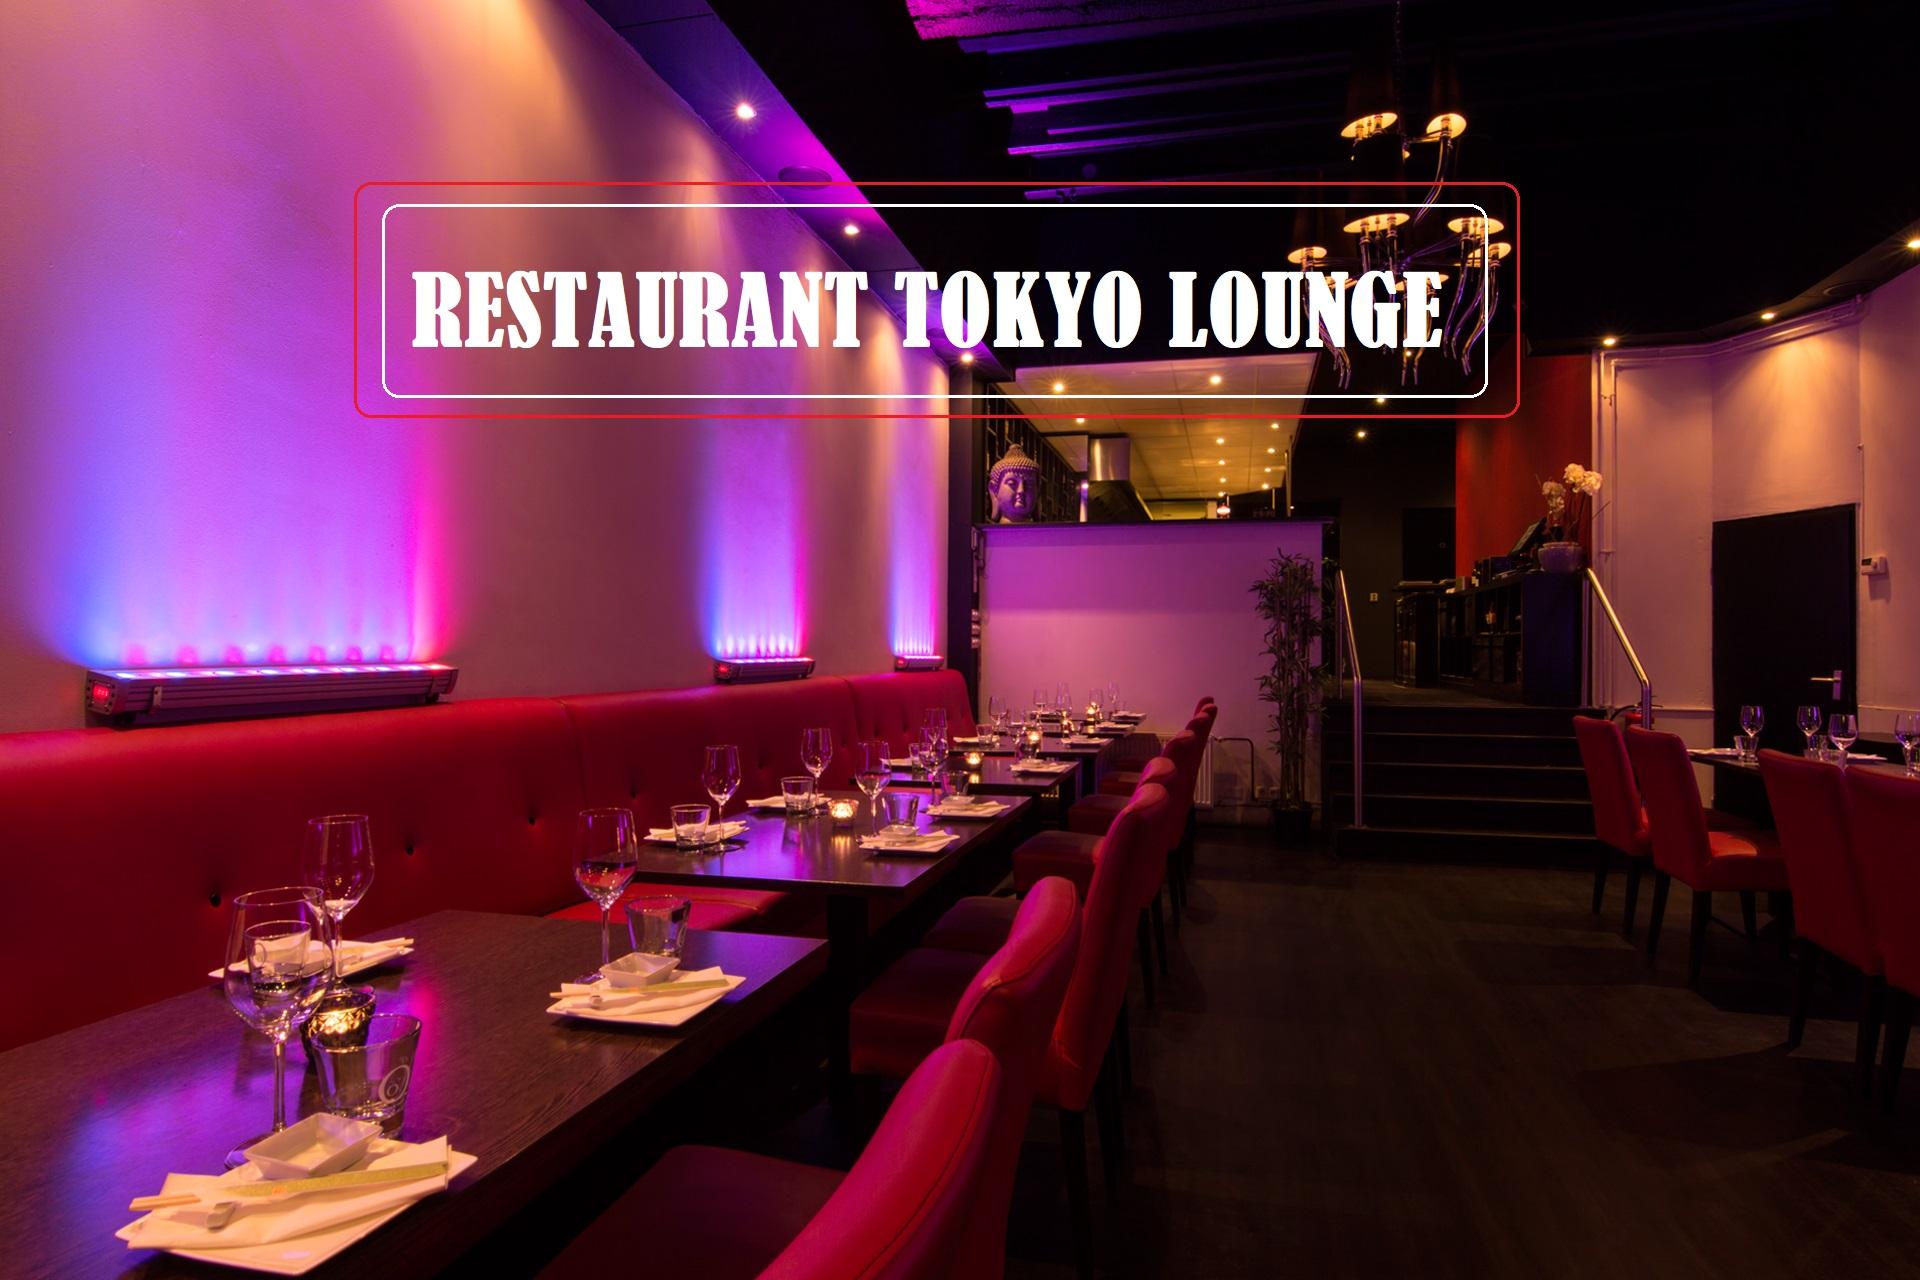 Restaurant Tokyo Lounge